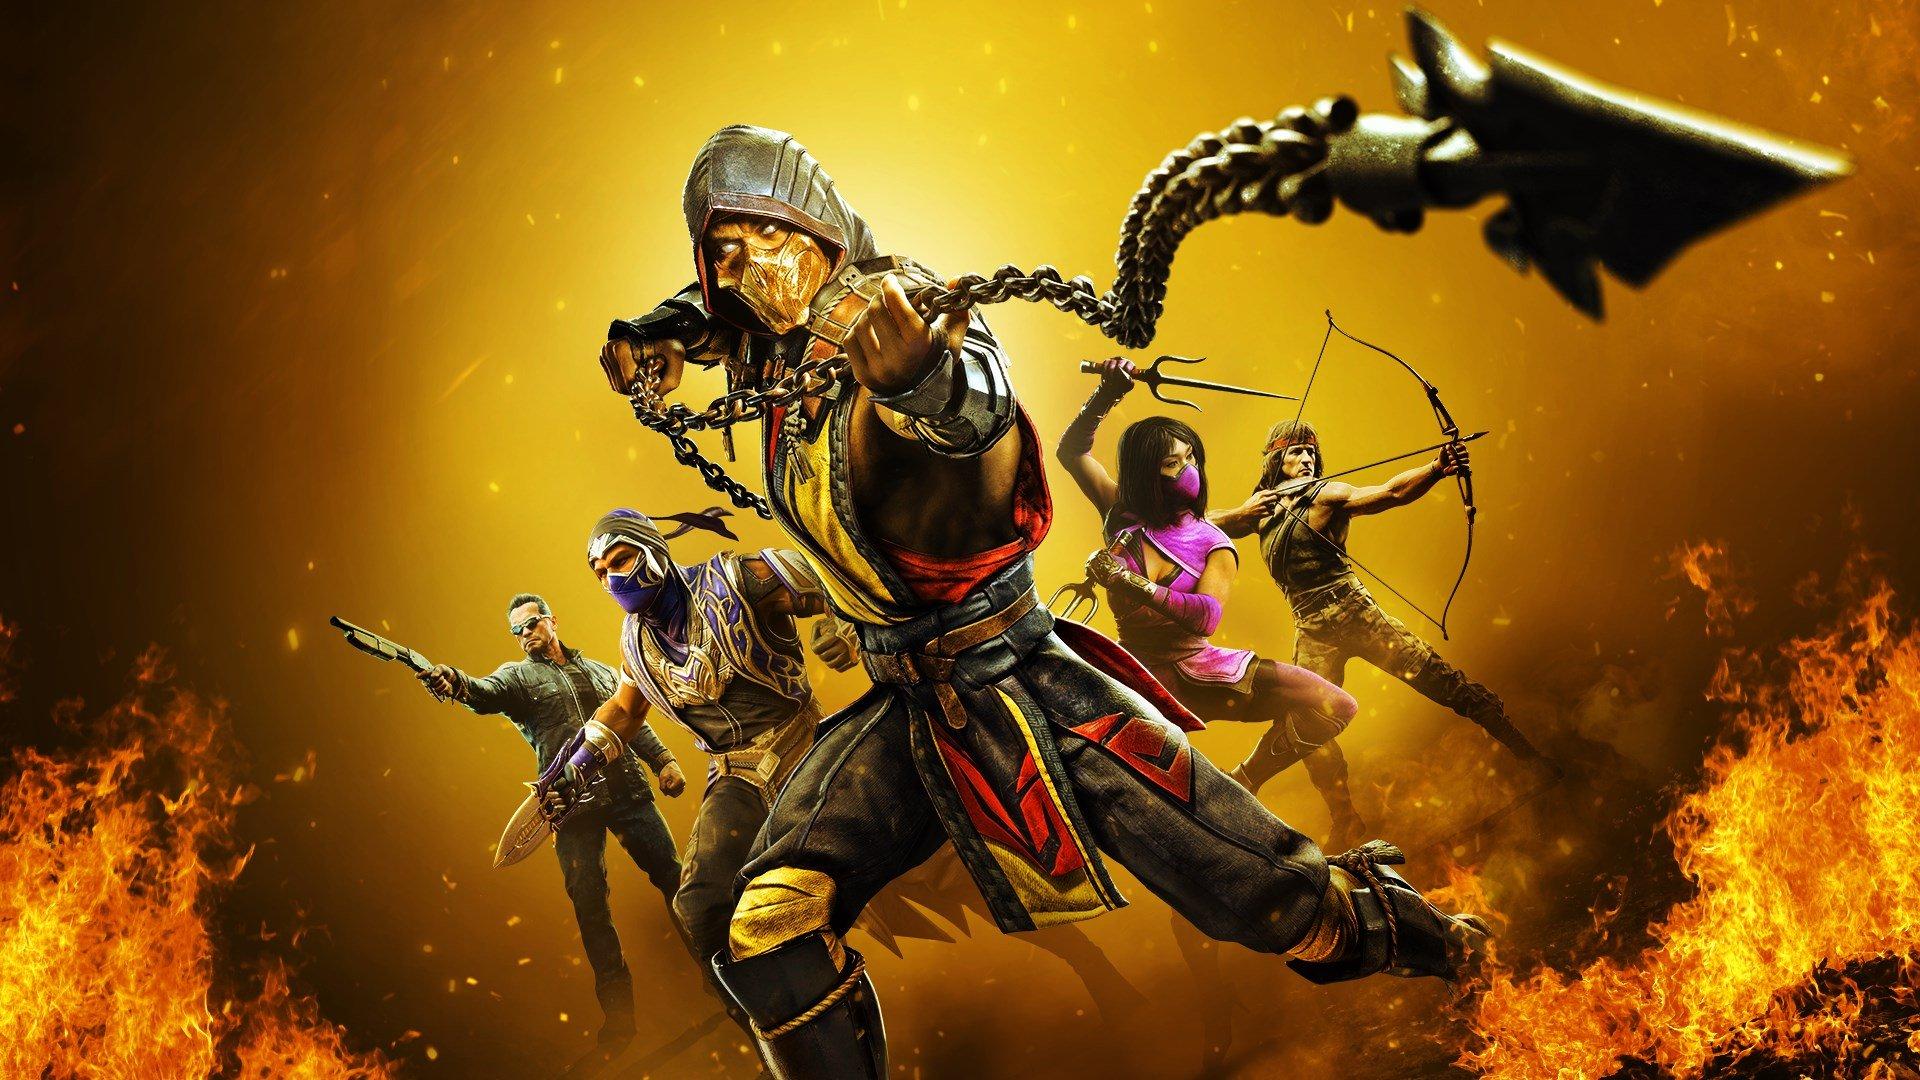 Um novo mod de Mortal Kombat 11 criado por um fã muda a perspectiva da câmera, permitindo aos jogadores lutar em primeira pessoa.